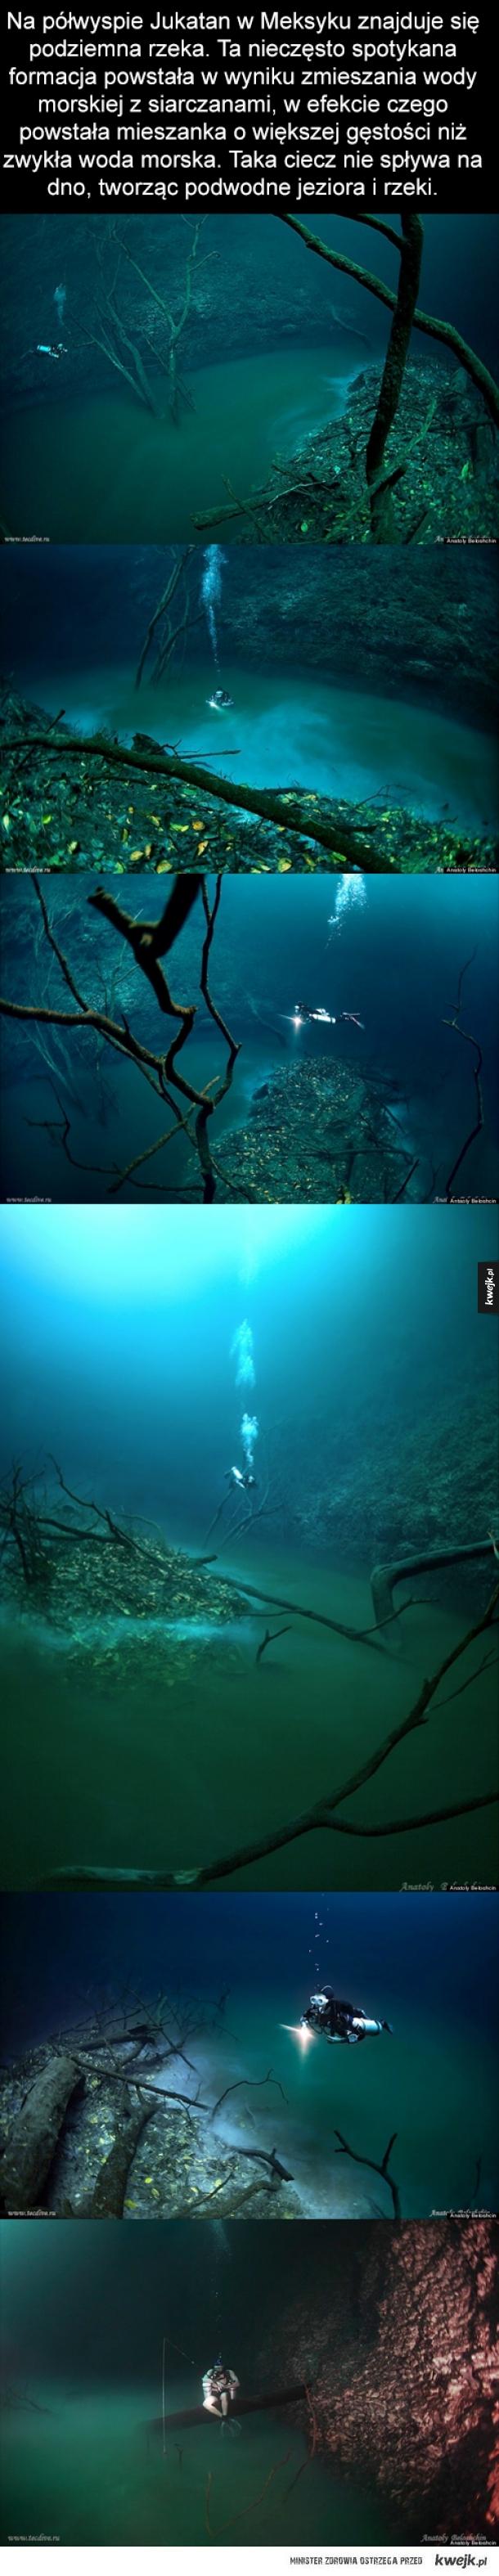 Na półwyspie Jukatan w  Meksyku znajduje się podziemna rzeka. Ta nieczęsto spotykana formacja powstała w wyniku zmieszania wody morskiej z siarczanami, w efekcie czego powstała mieszanka o większej gęstości niż zwykła woda morska. Taka ciecz nie spływa na